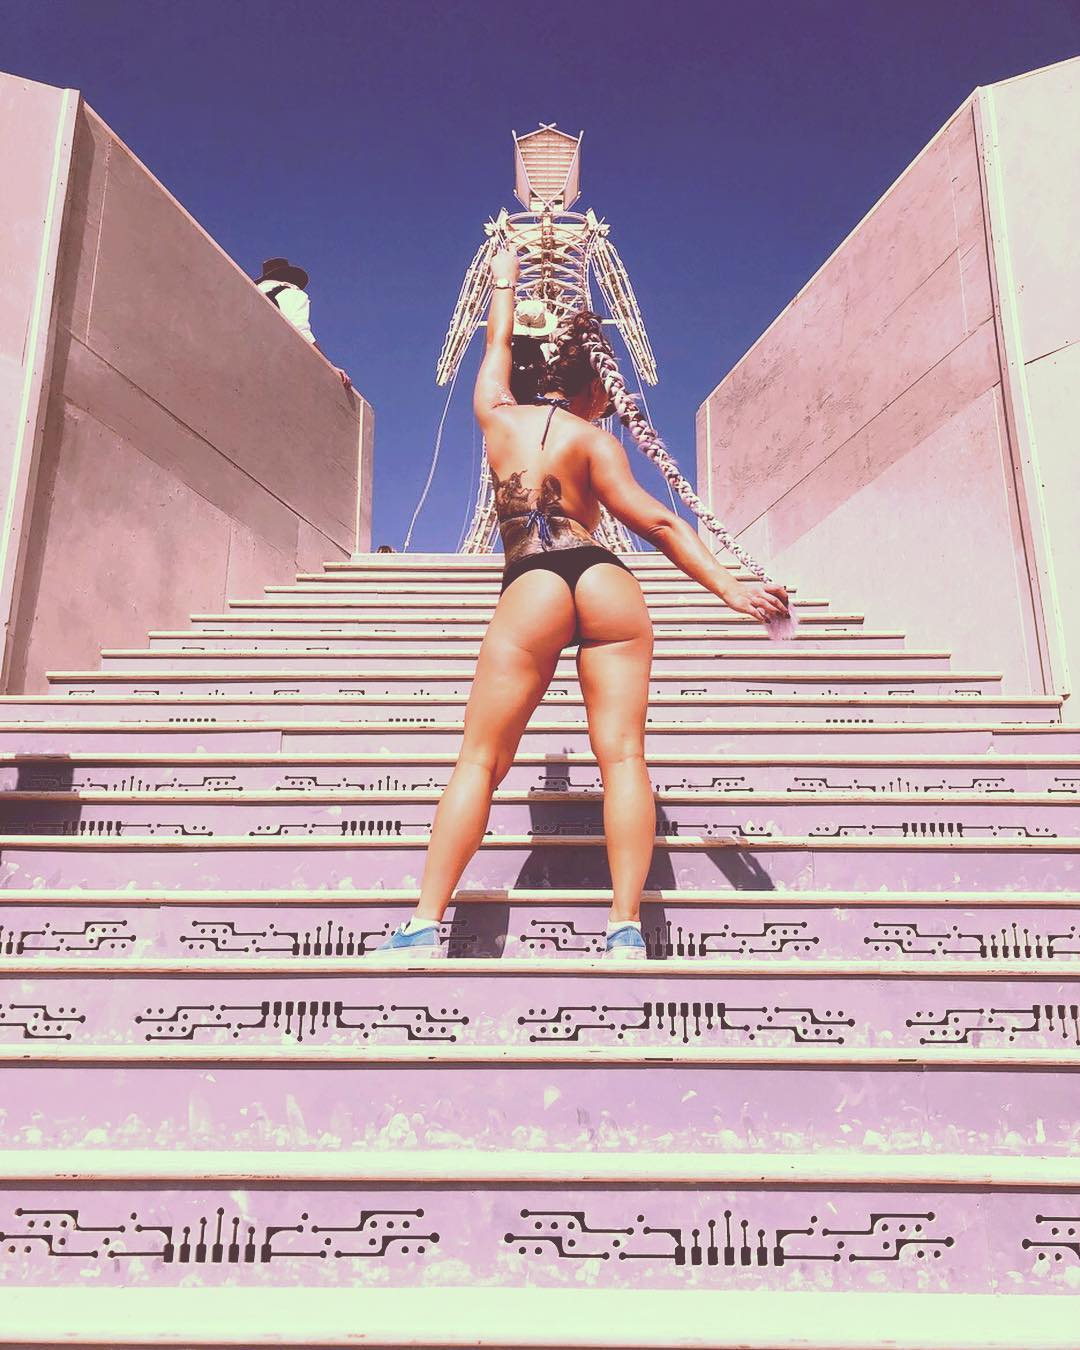 burning man фестиваль фото девушки отвратительные мужики disgusting men